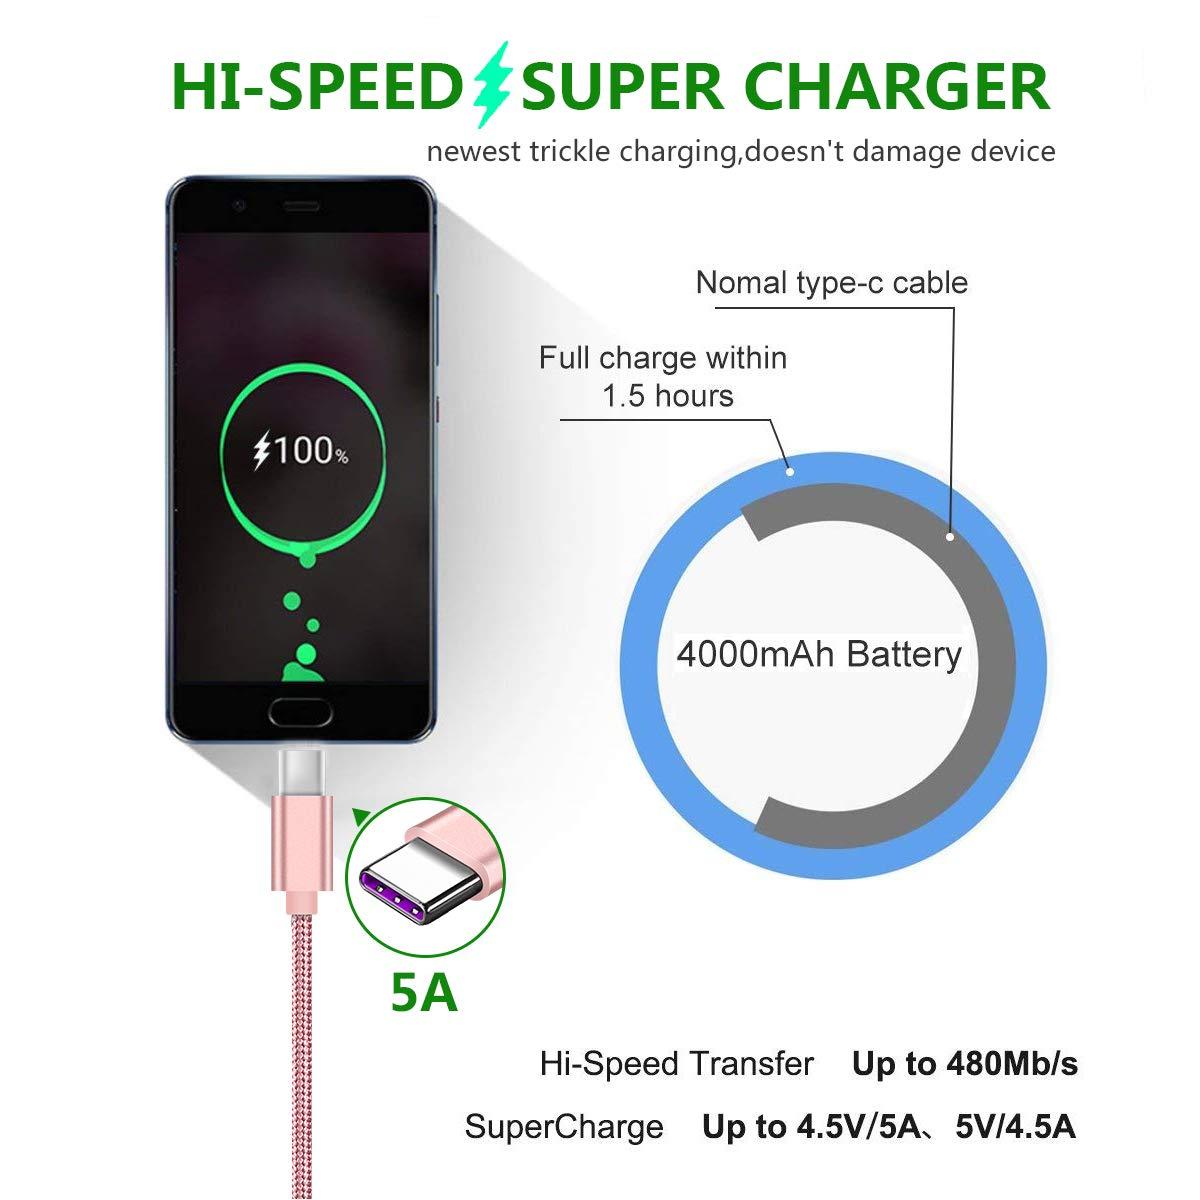 Caricabatterie Auto USB per Samsung S9 S10 S8 Plus S10E S9 A5 A3 2017 Galaxy A8 A9 2018,LG G6 G5 V30 G7 G8,Oneplus 6t 6 5T 7 Pro 7T,30W Caricatore veloce//Carica Batteria 2 Port:QC3.0+2.4A con 2MCavo